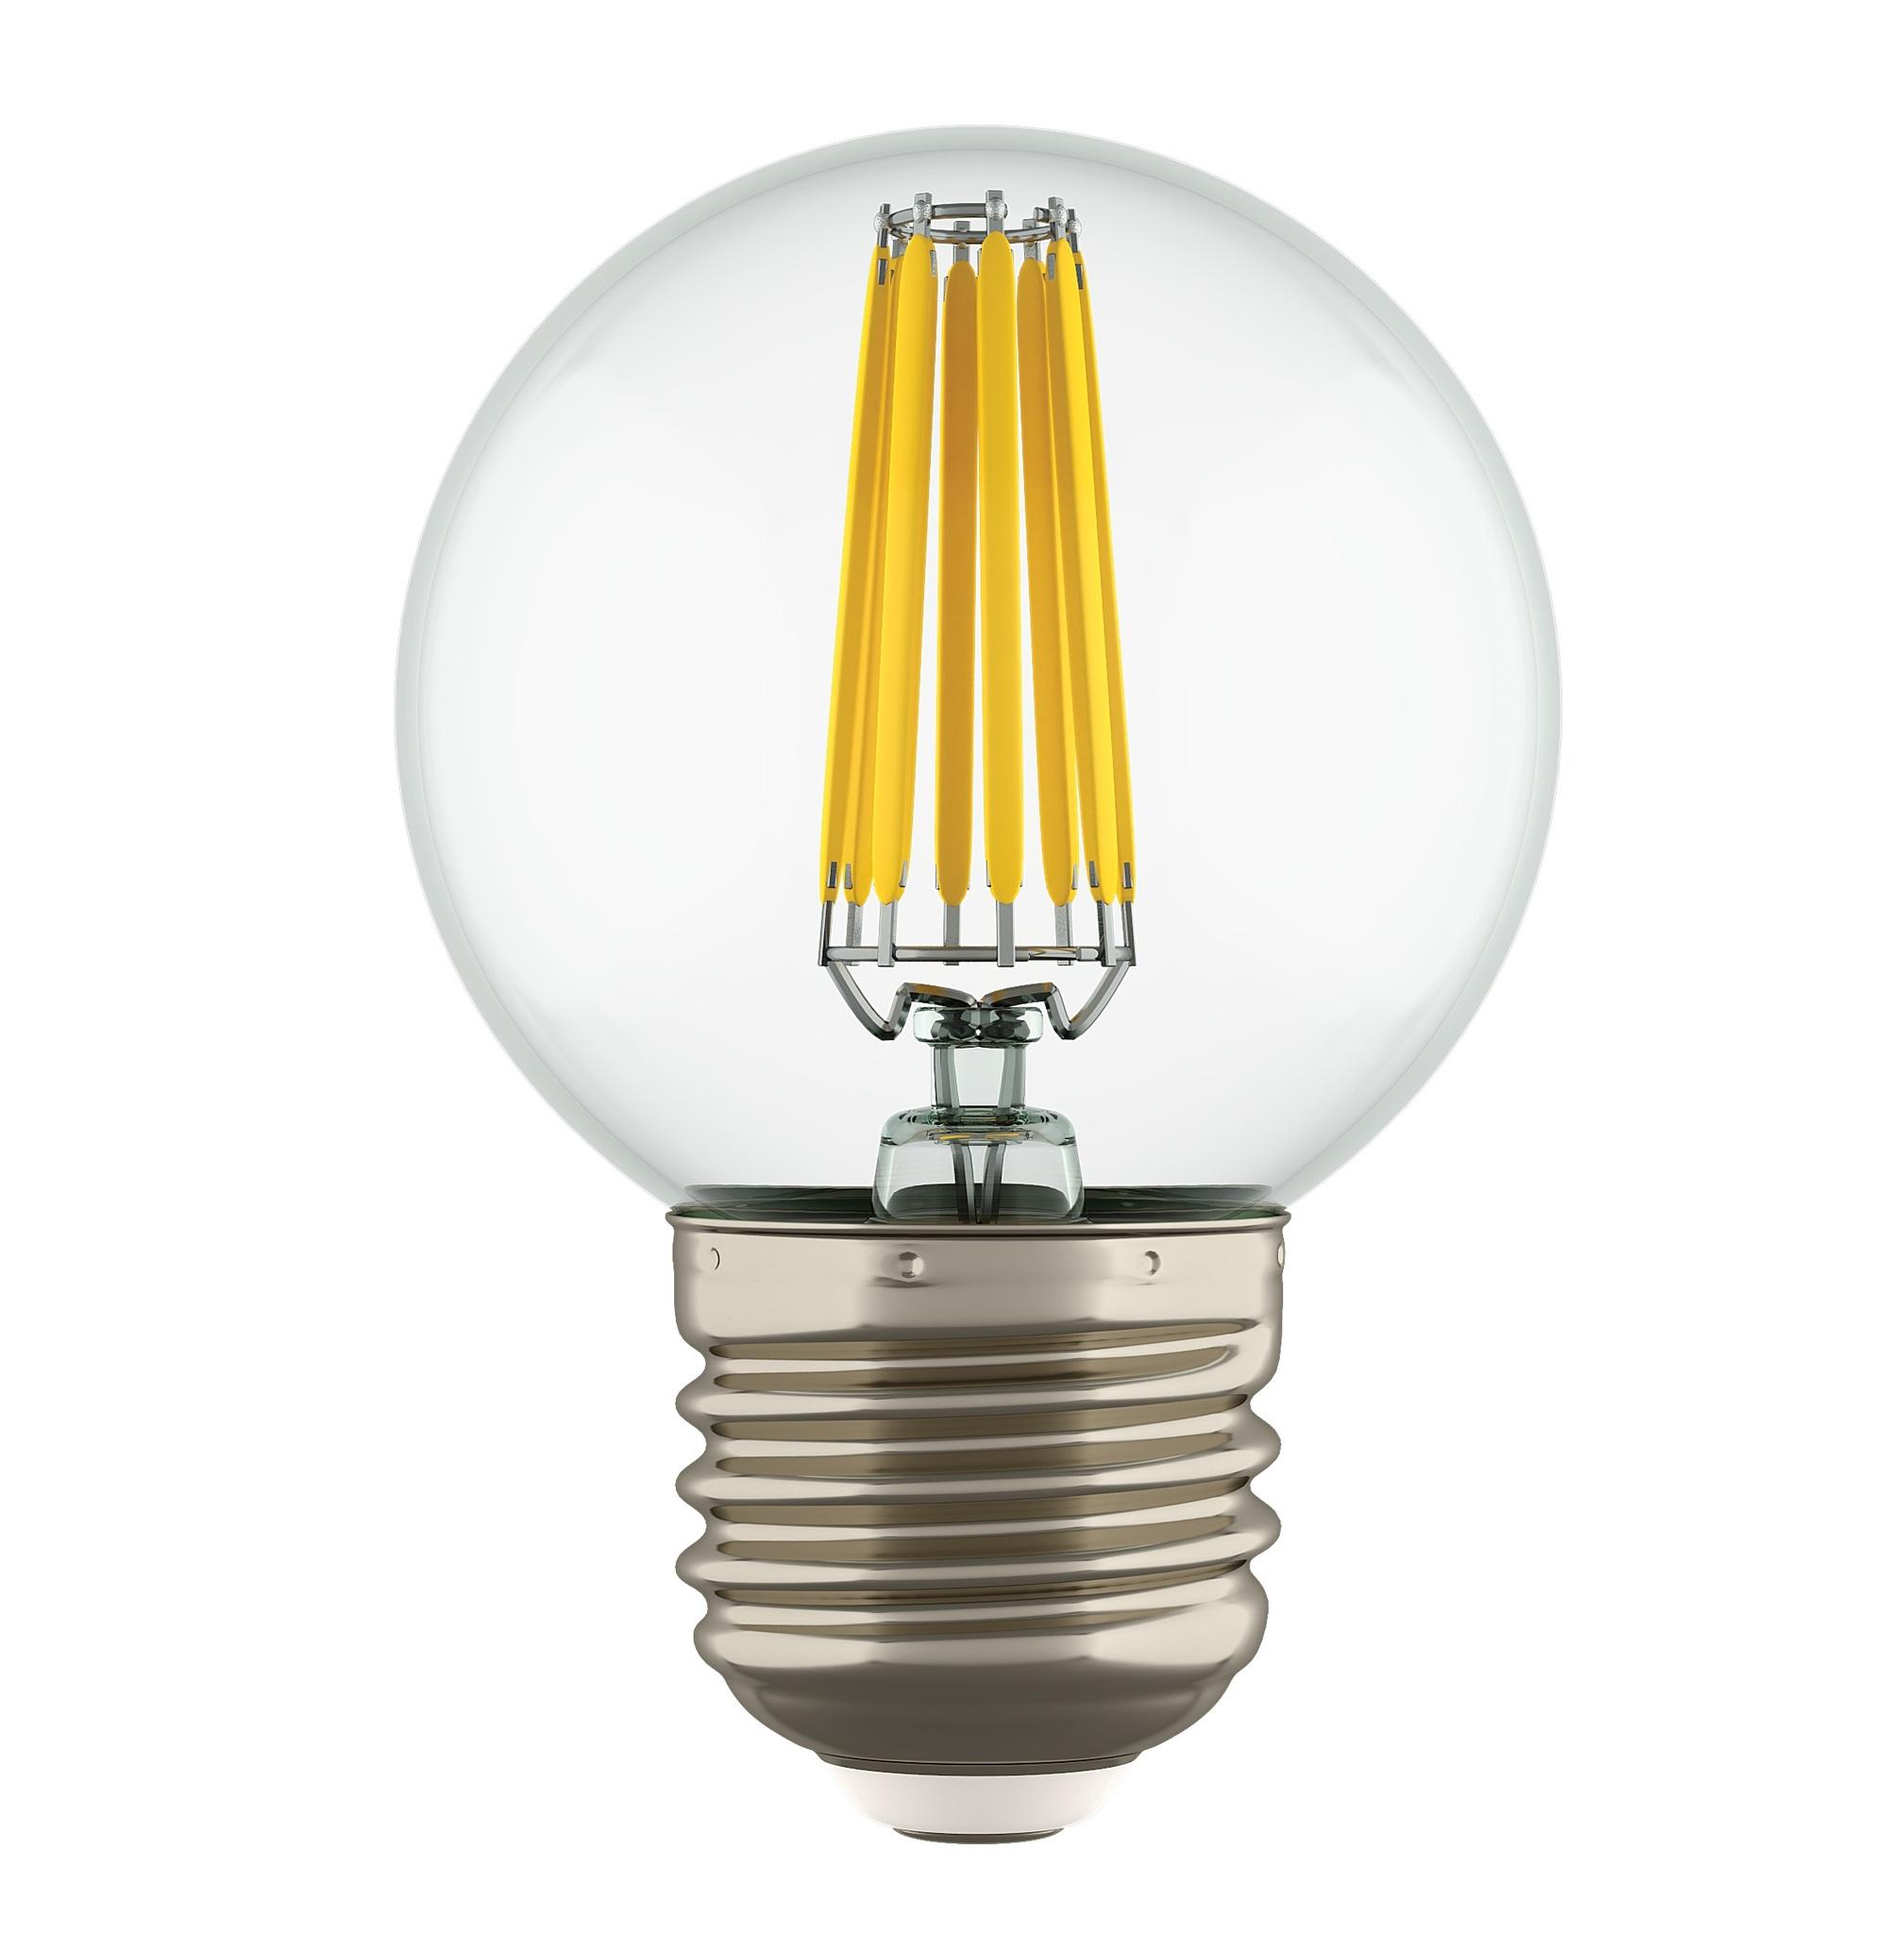 Лампа накаливания или светодиодная - что выбрать?